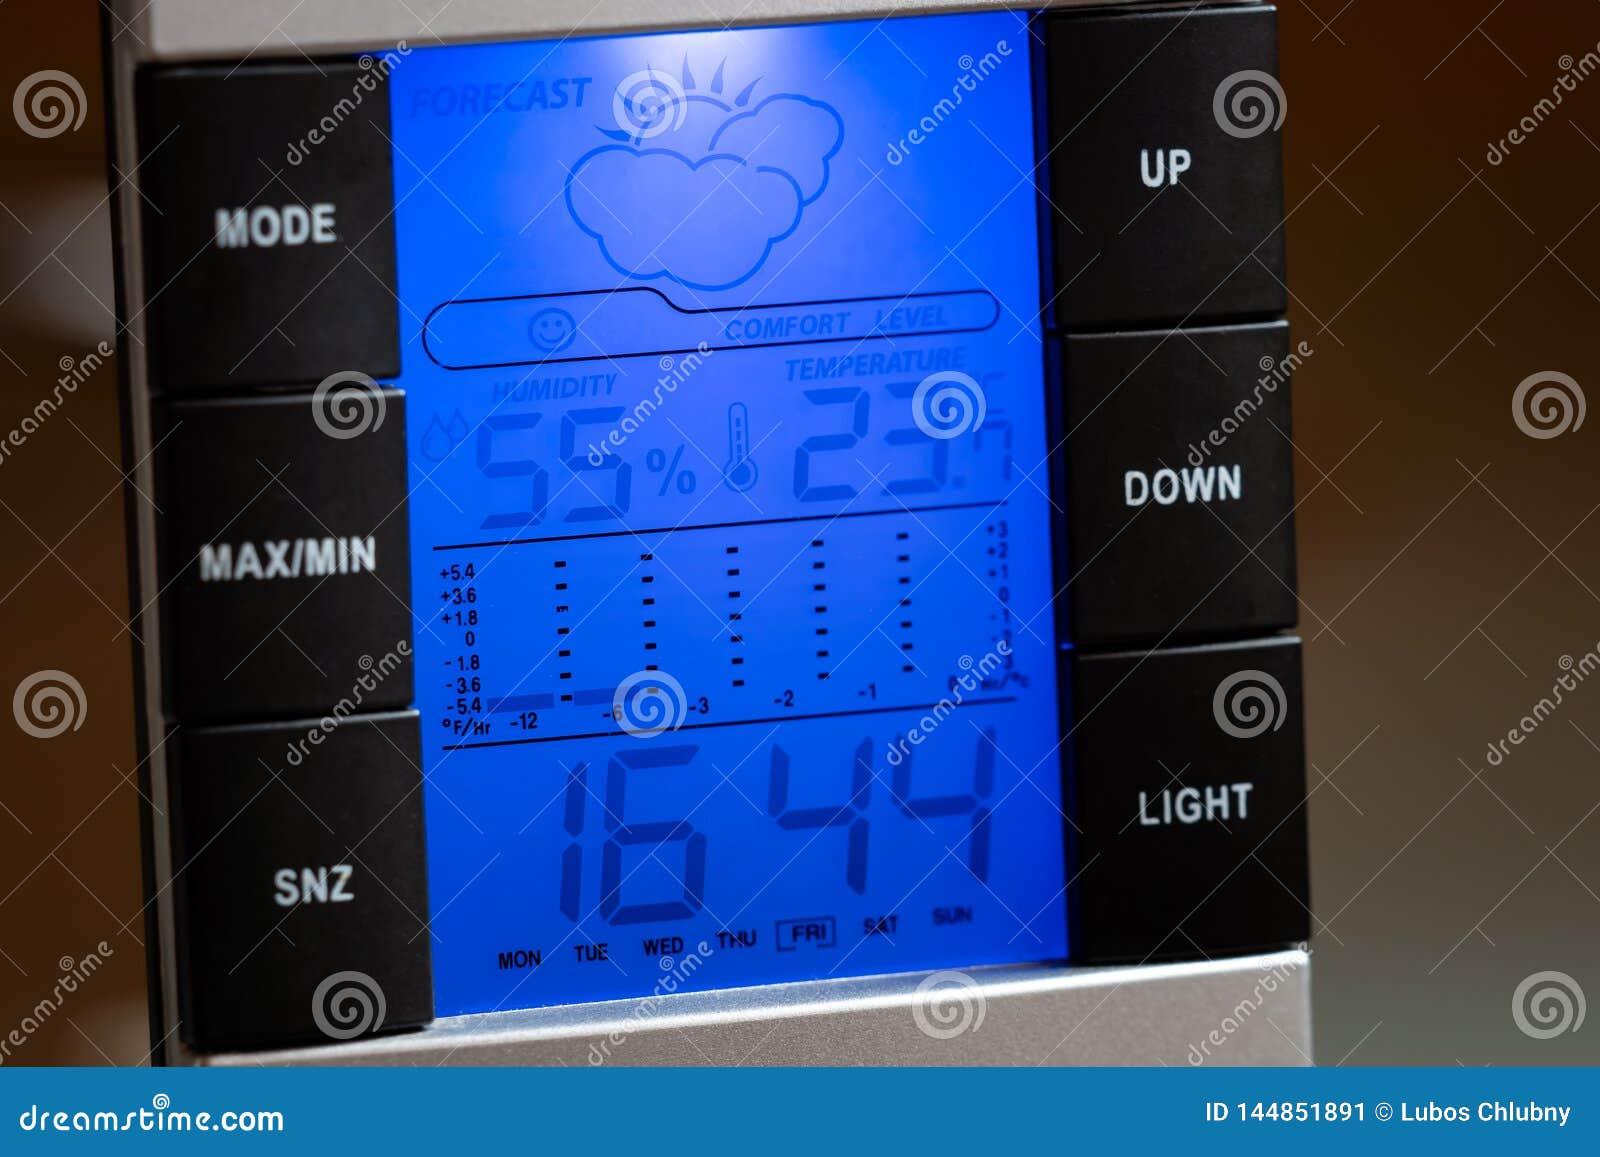 Domowych cyfrowych pogodowej stacji outside przedstawień temperaturowa wilgotność, zegar i prognoza pogody,